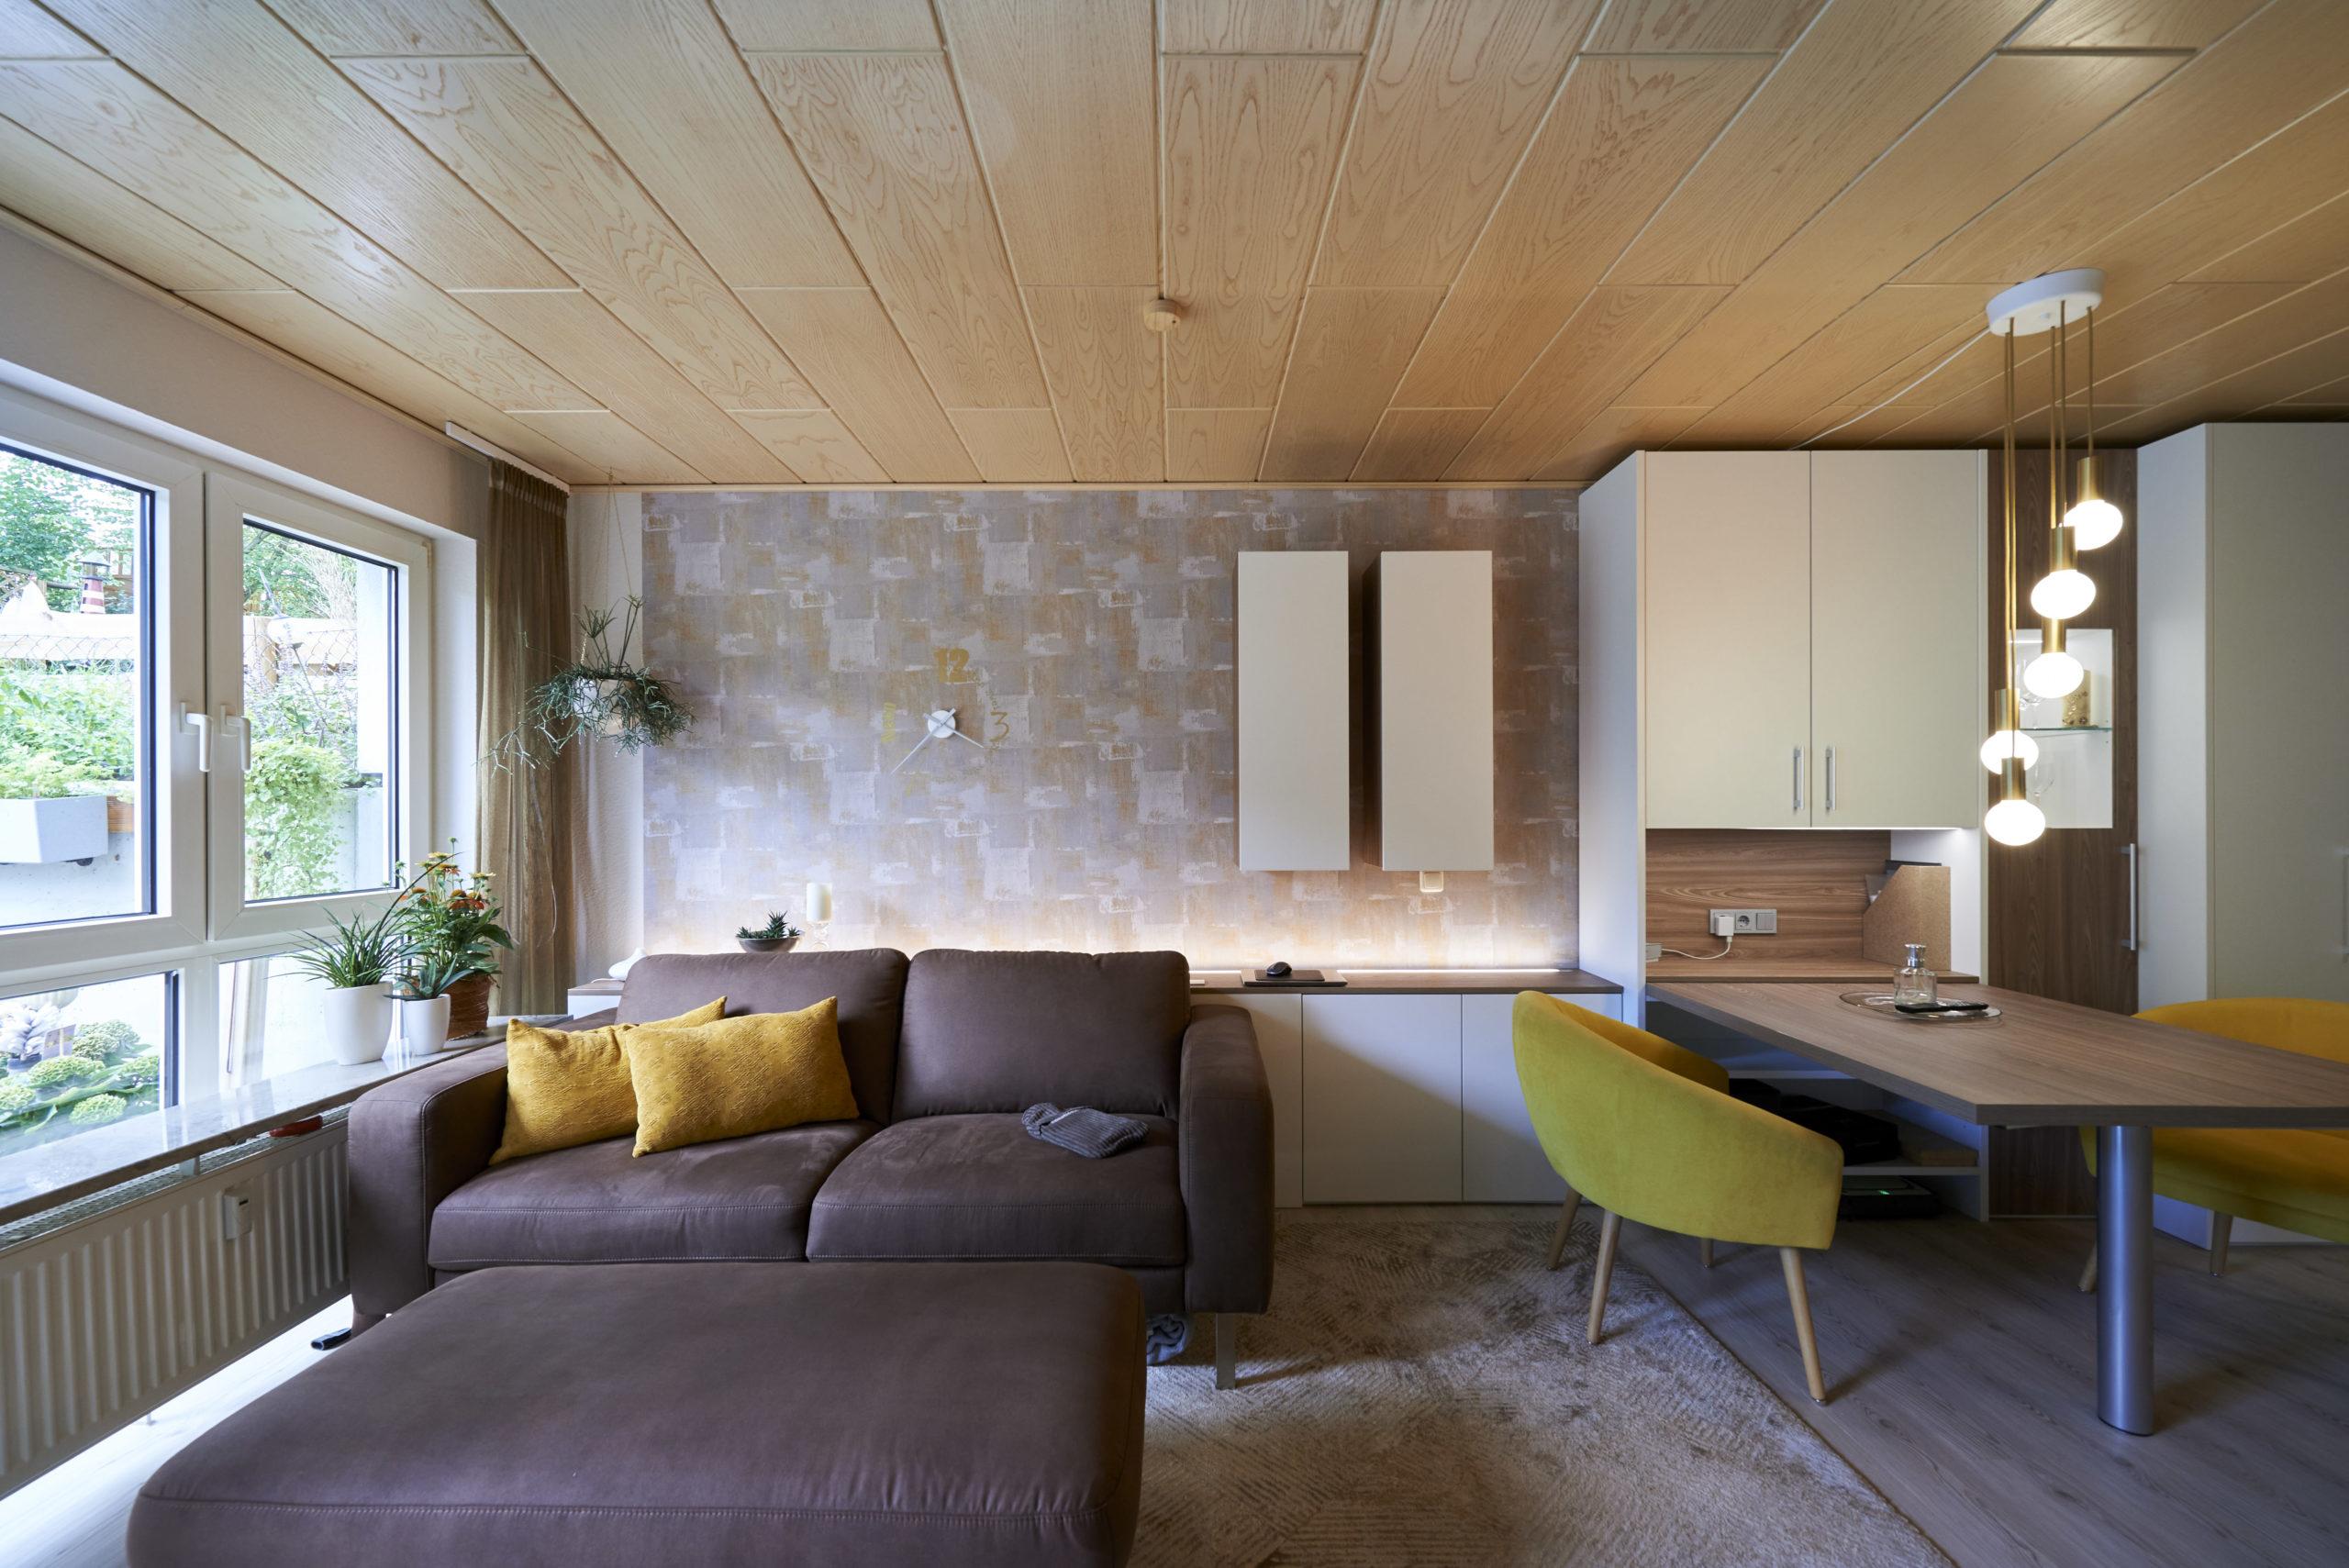 Raumplanung-Einzimmerwohnung-scaled